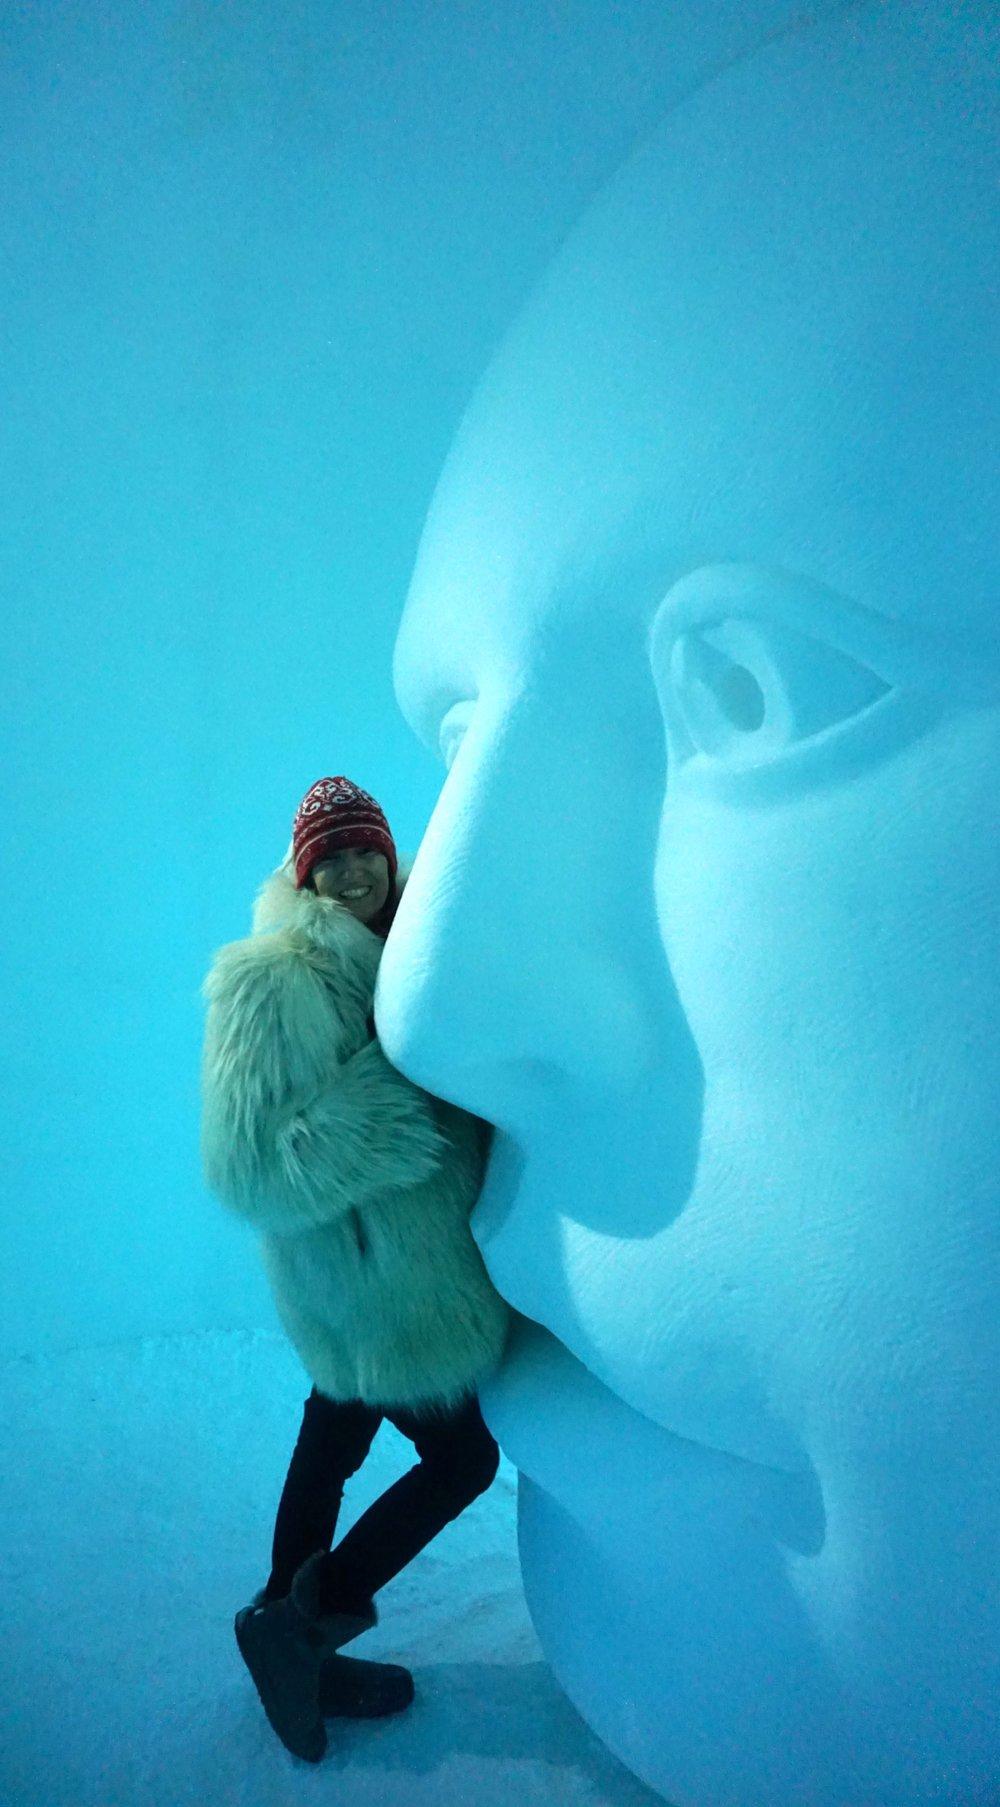 Meine Lieblingsskulptur. Hier kann man sehr gut die Dimension der Kunstwerke erkenne - ich bin 1,78 cm groß!